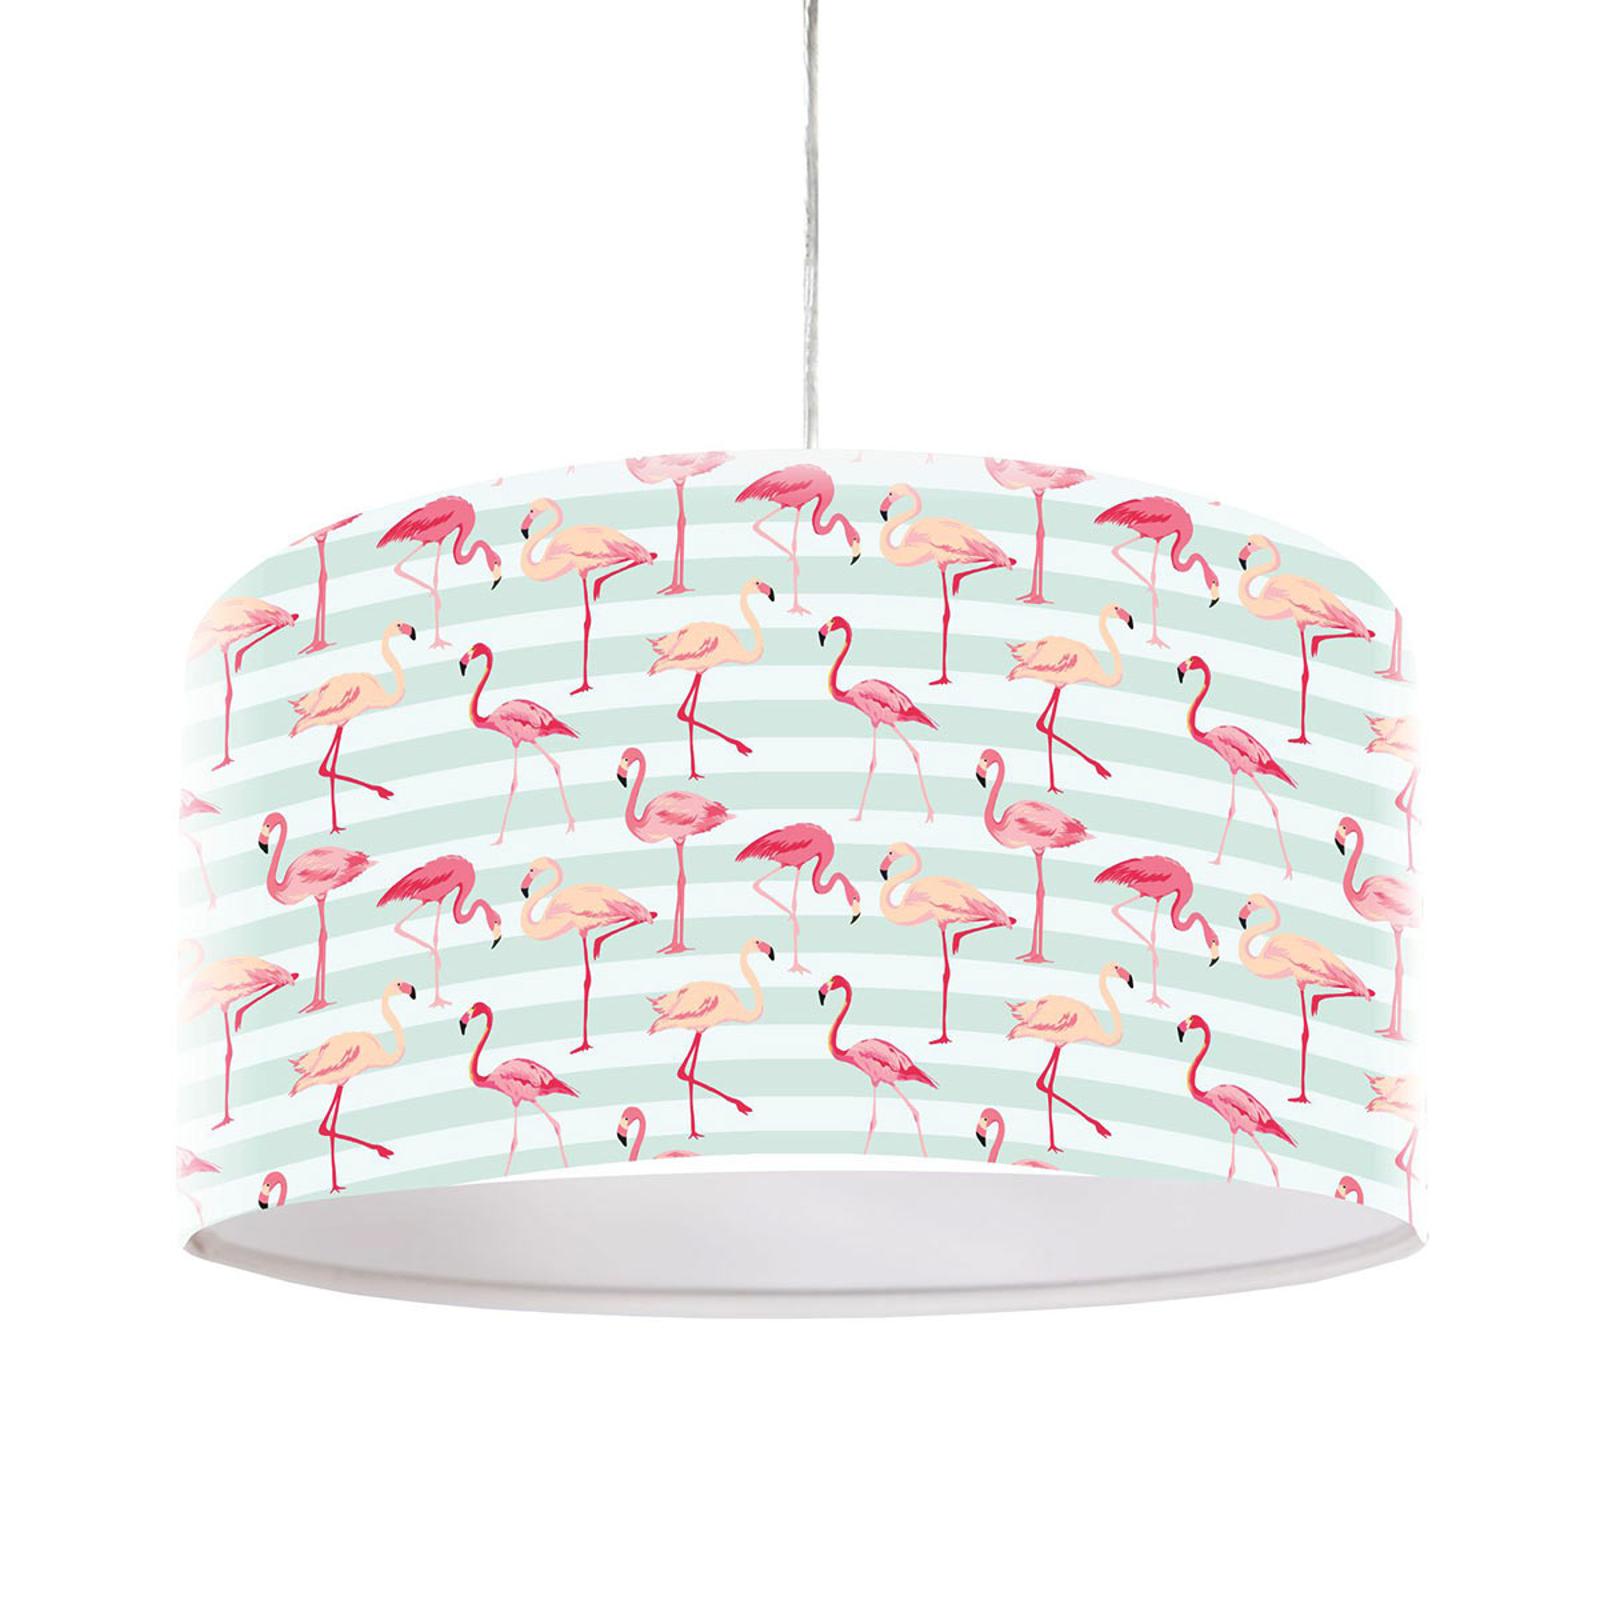 Flamingo-motiivilla painatettu riippuvalo Miami